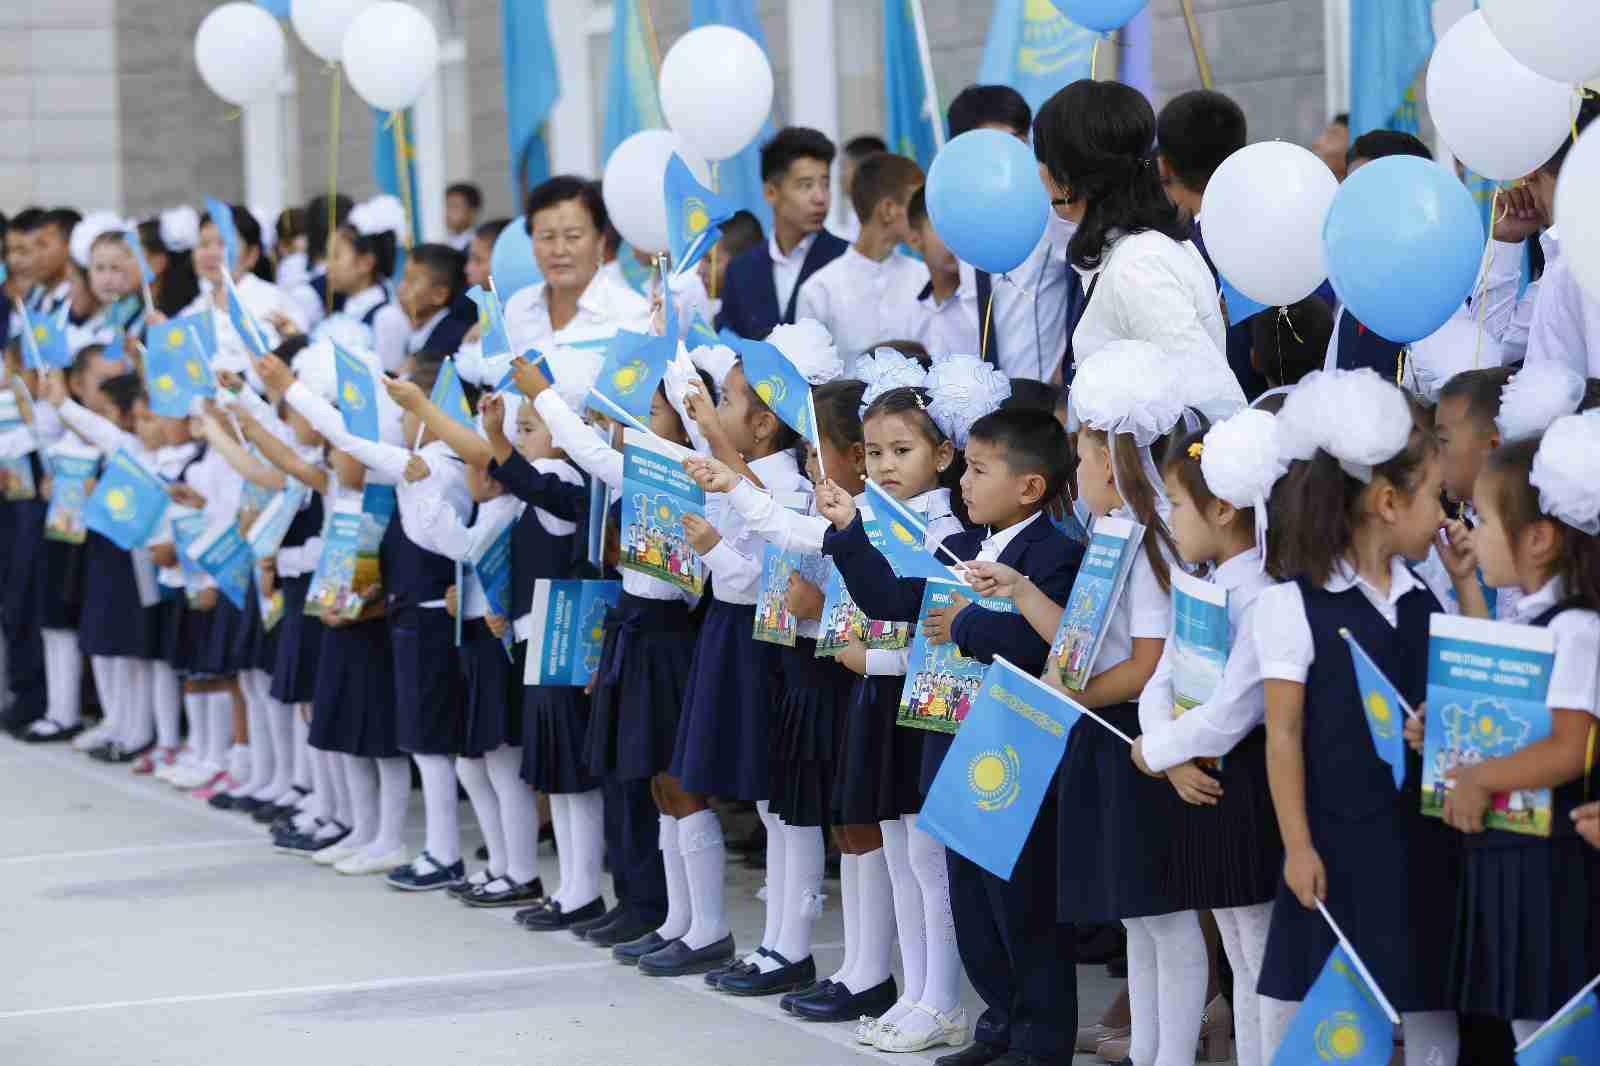 В Казахстане продлили срок подачи документов на прием в школы